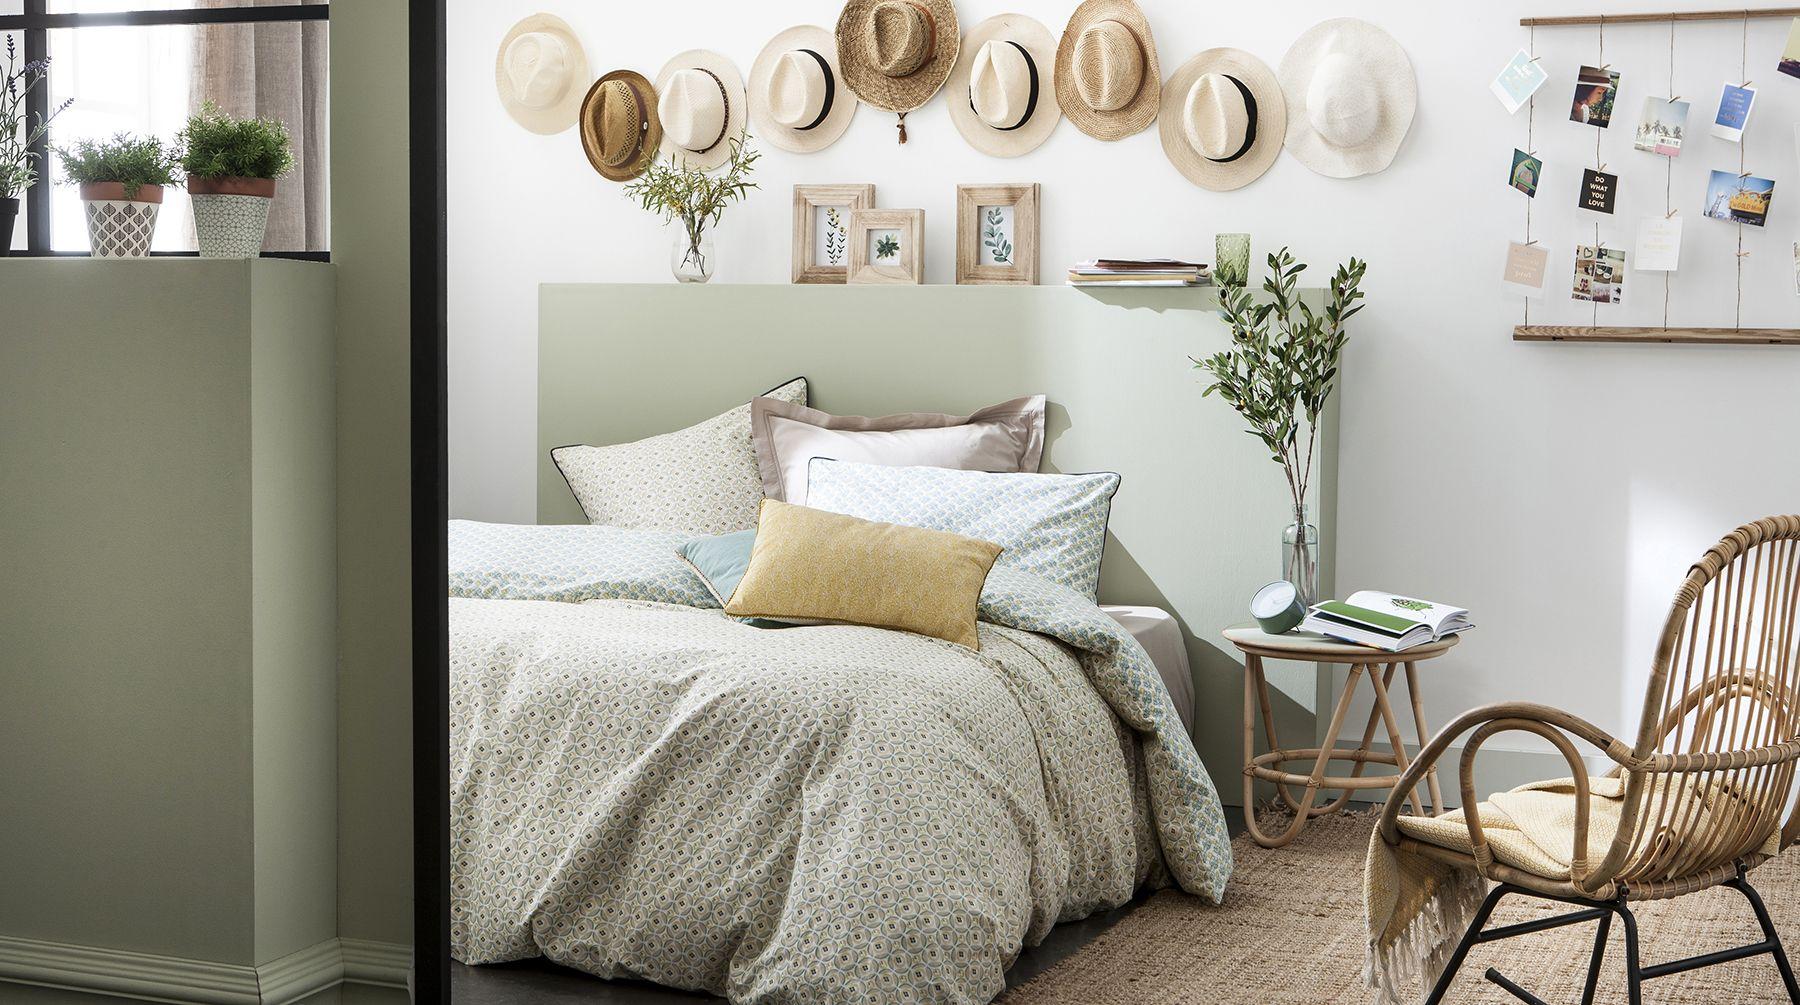 Chambre Provencale Idee Deco jardin provençal, c'est une tendance venue du sud, dans